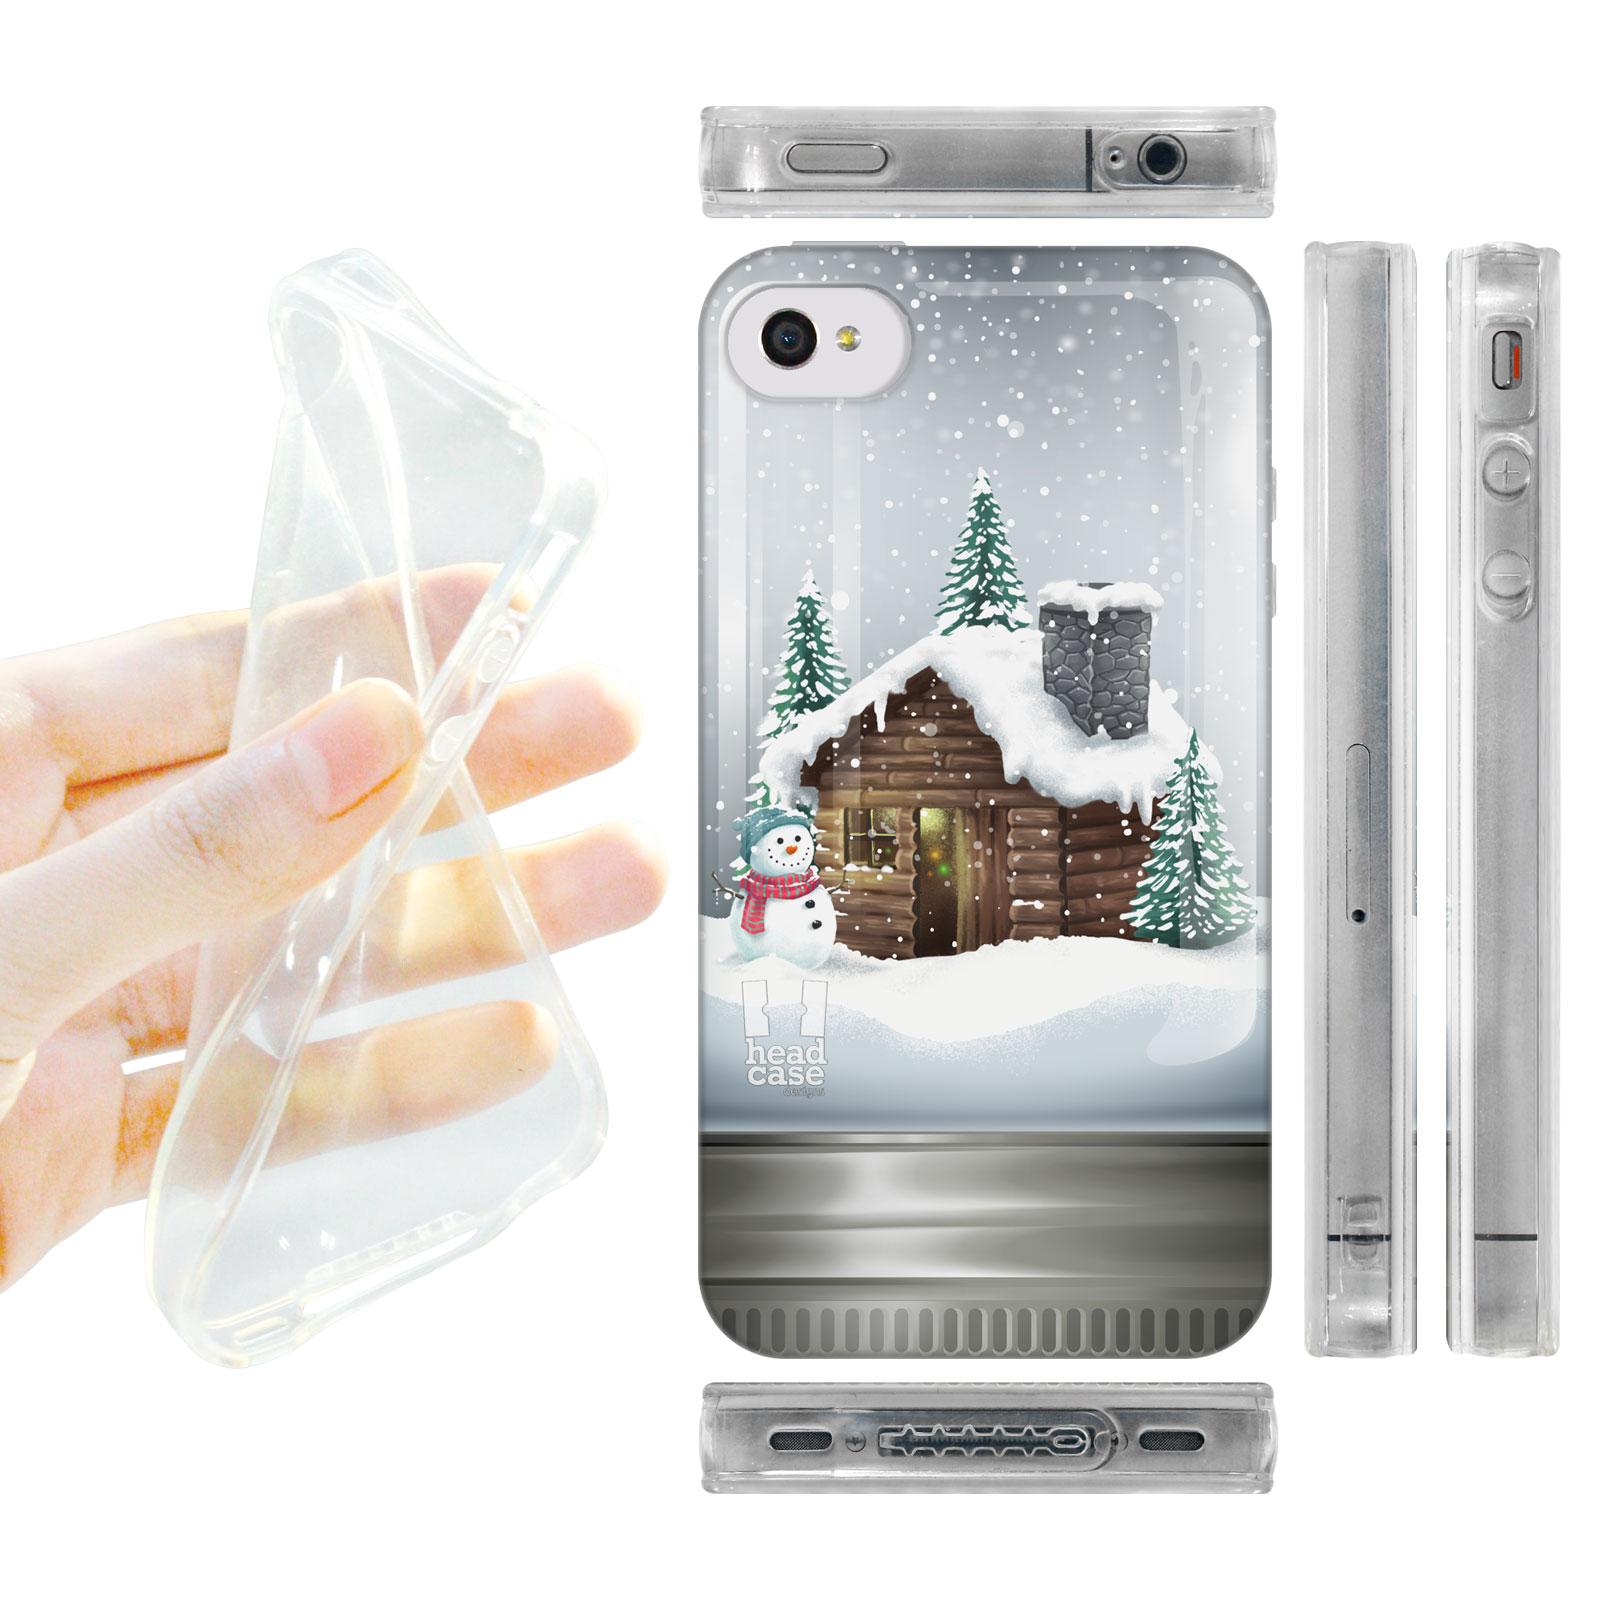 HEAD CASE silikonový obal na mobil Iphone 4/4S vánoční koule chatrč hnědá barva